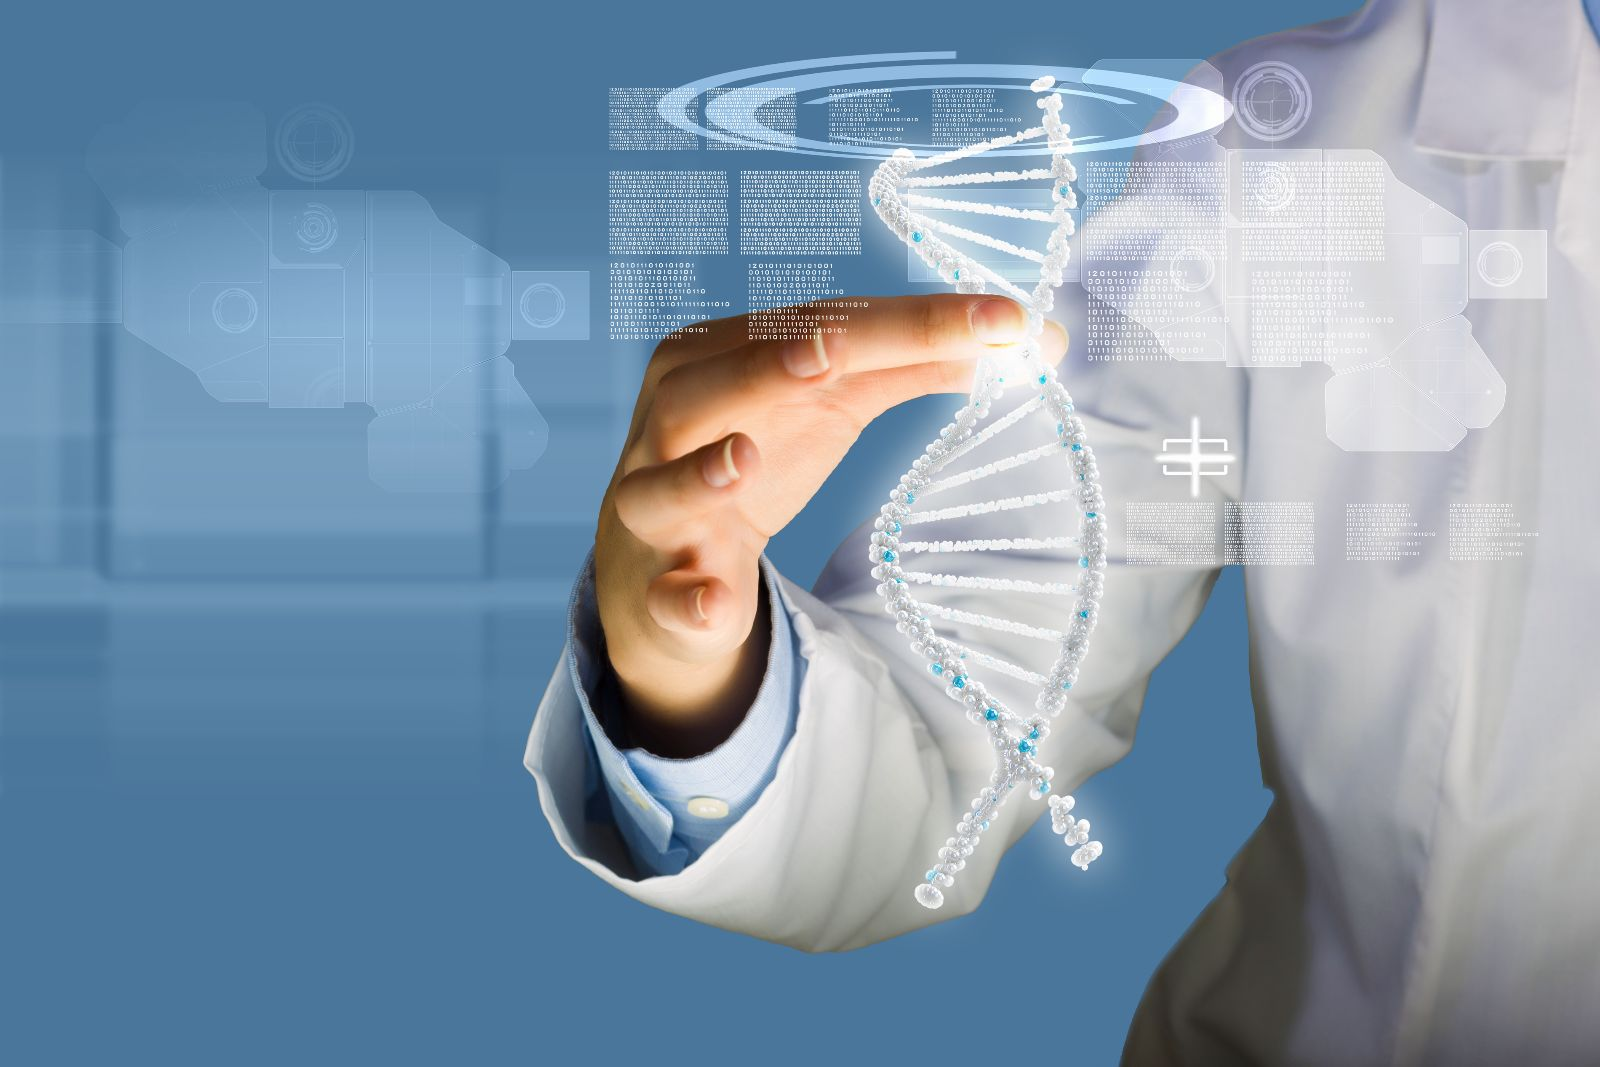 Mujer sostiene una ilustración virtual de ADN